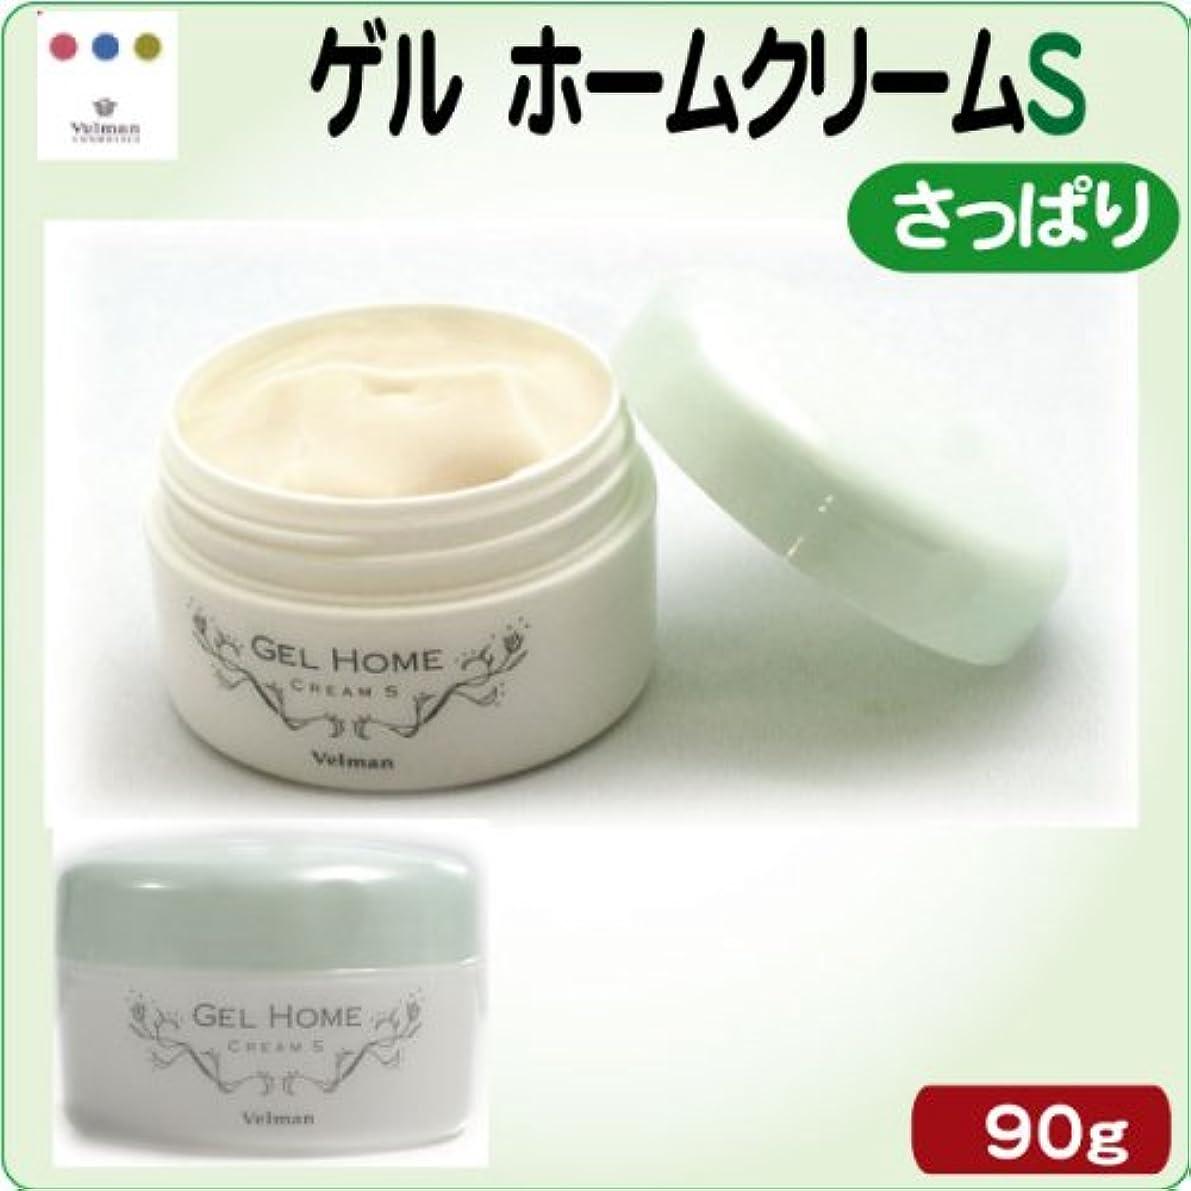 デュアルメイン生ベルマン化粧品 NONLOOSE ゲルホームクリームS 【さっぱりタイプ】 90g